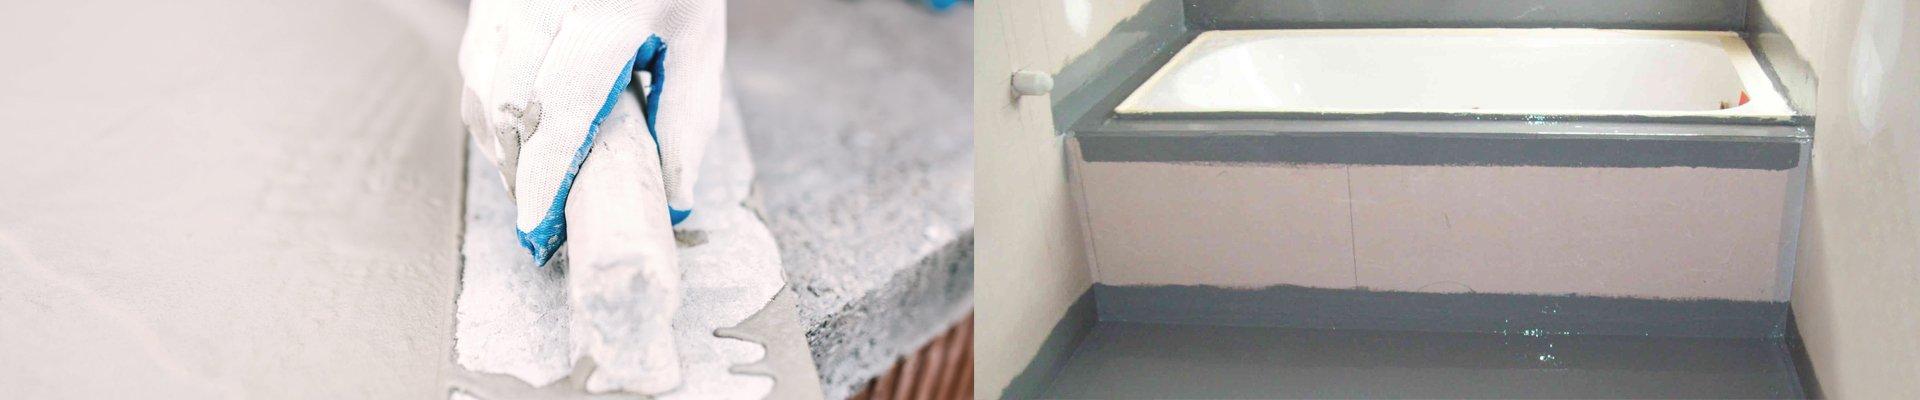 blakes waterproofing man working in bathroom